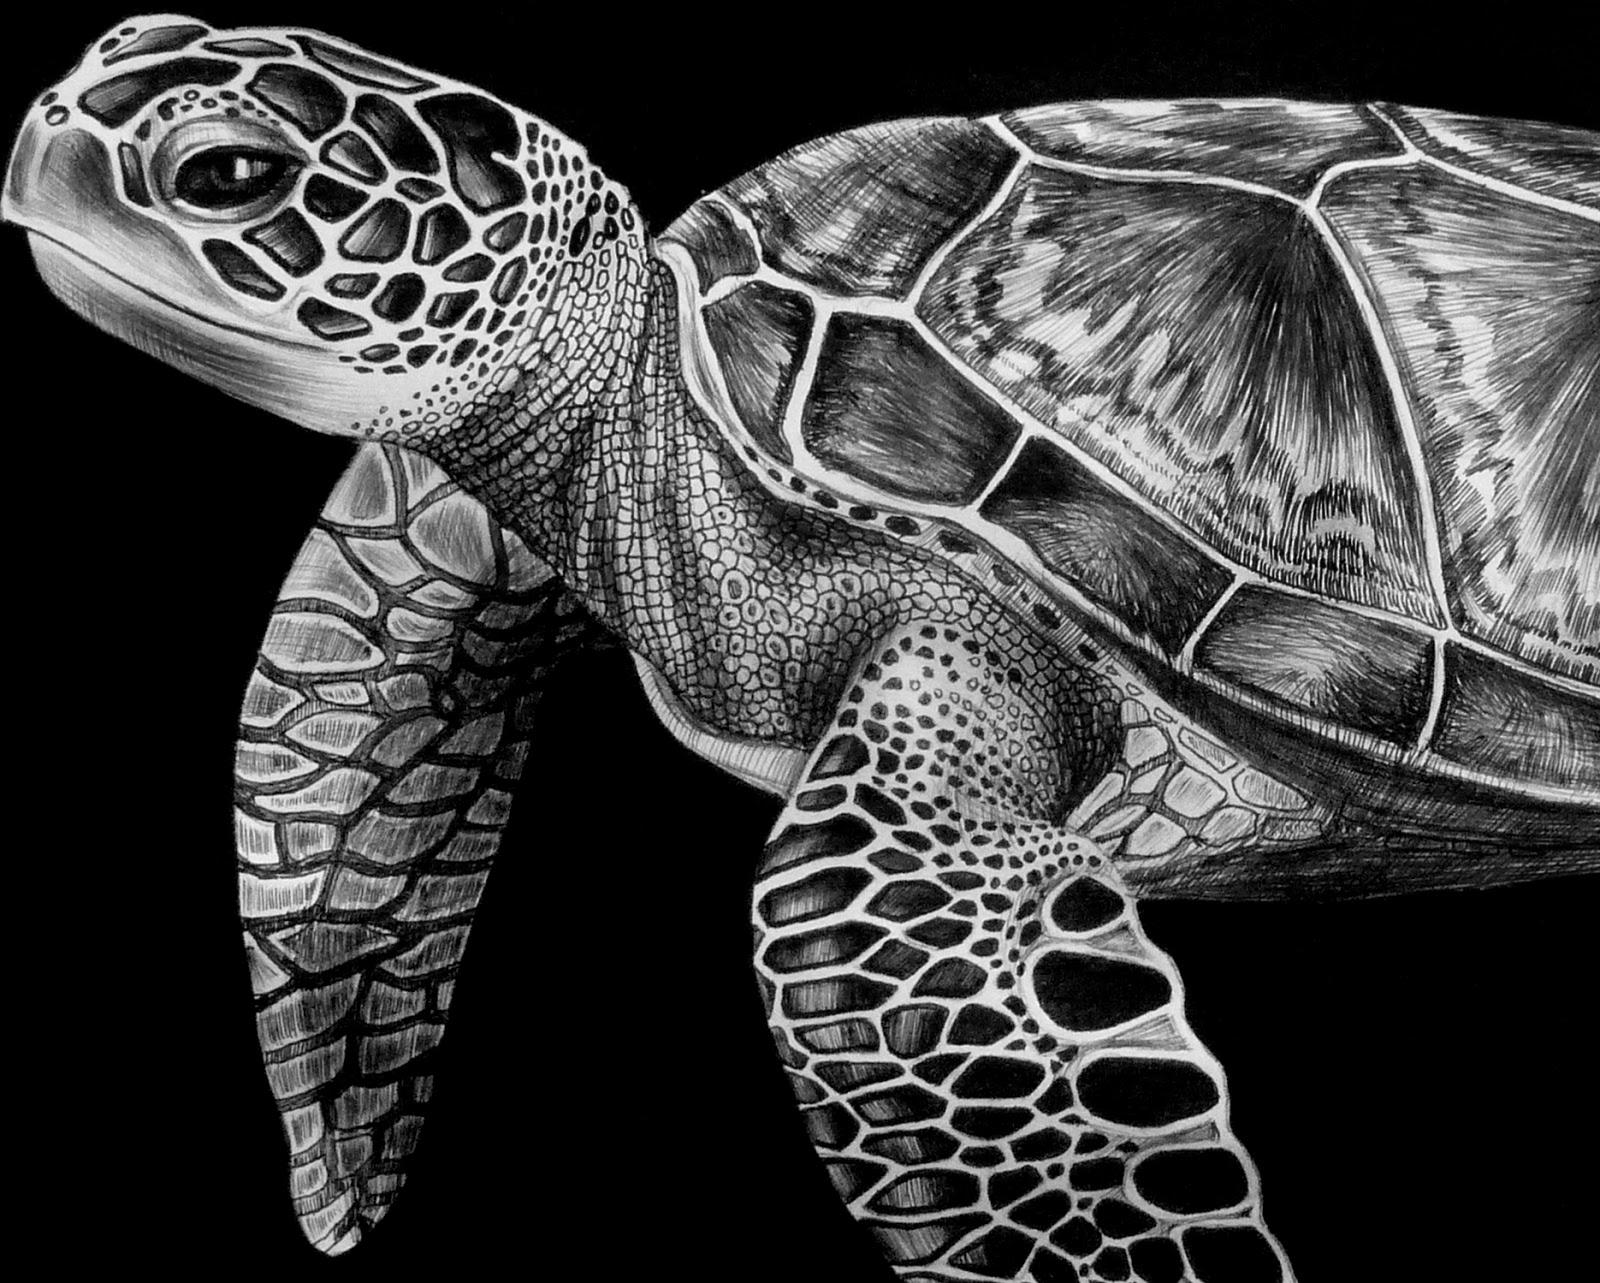 Tim jeffs art may 2013 detail biocorpaavc Choice Image